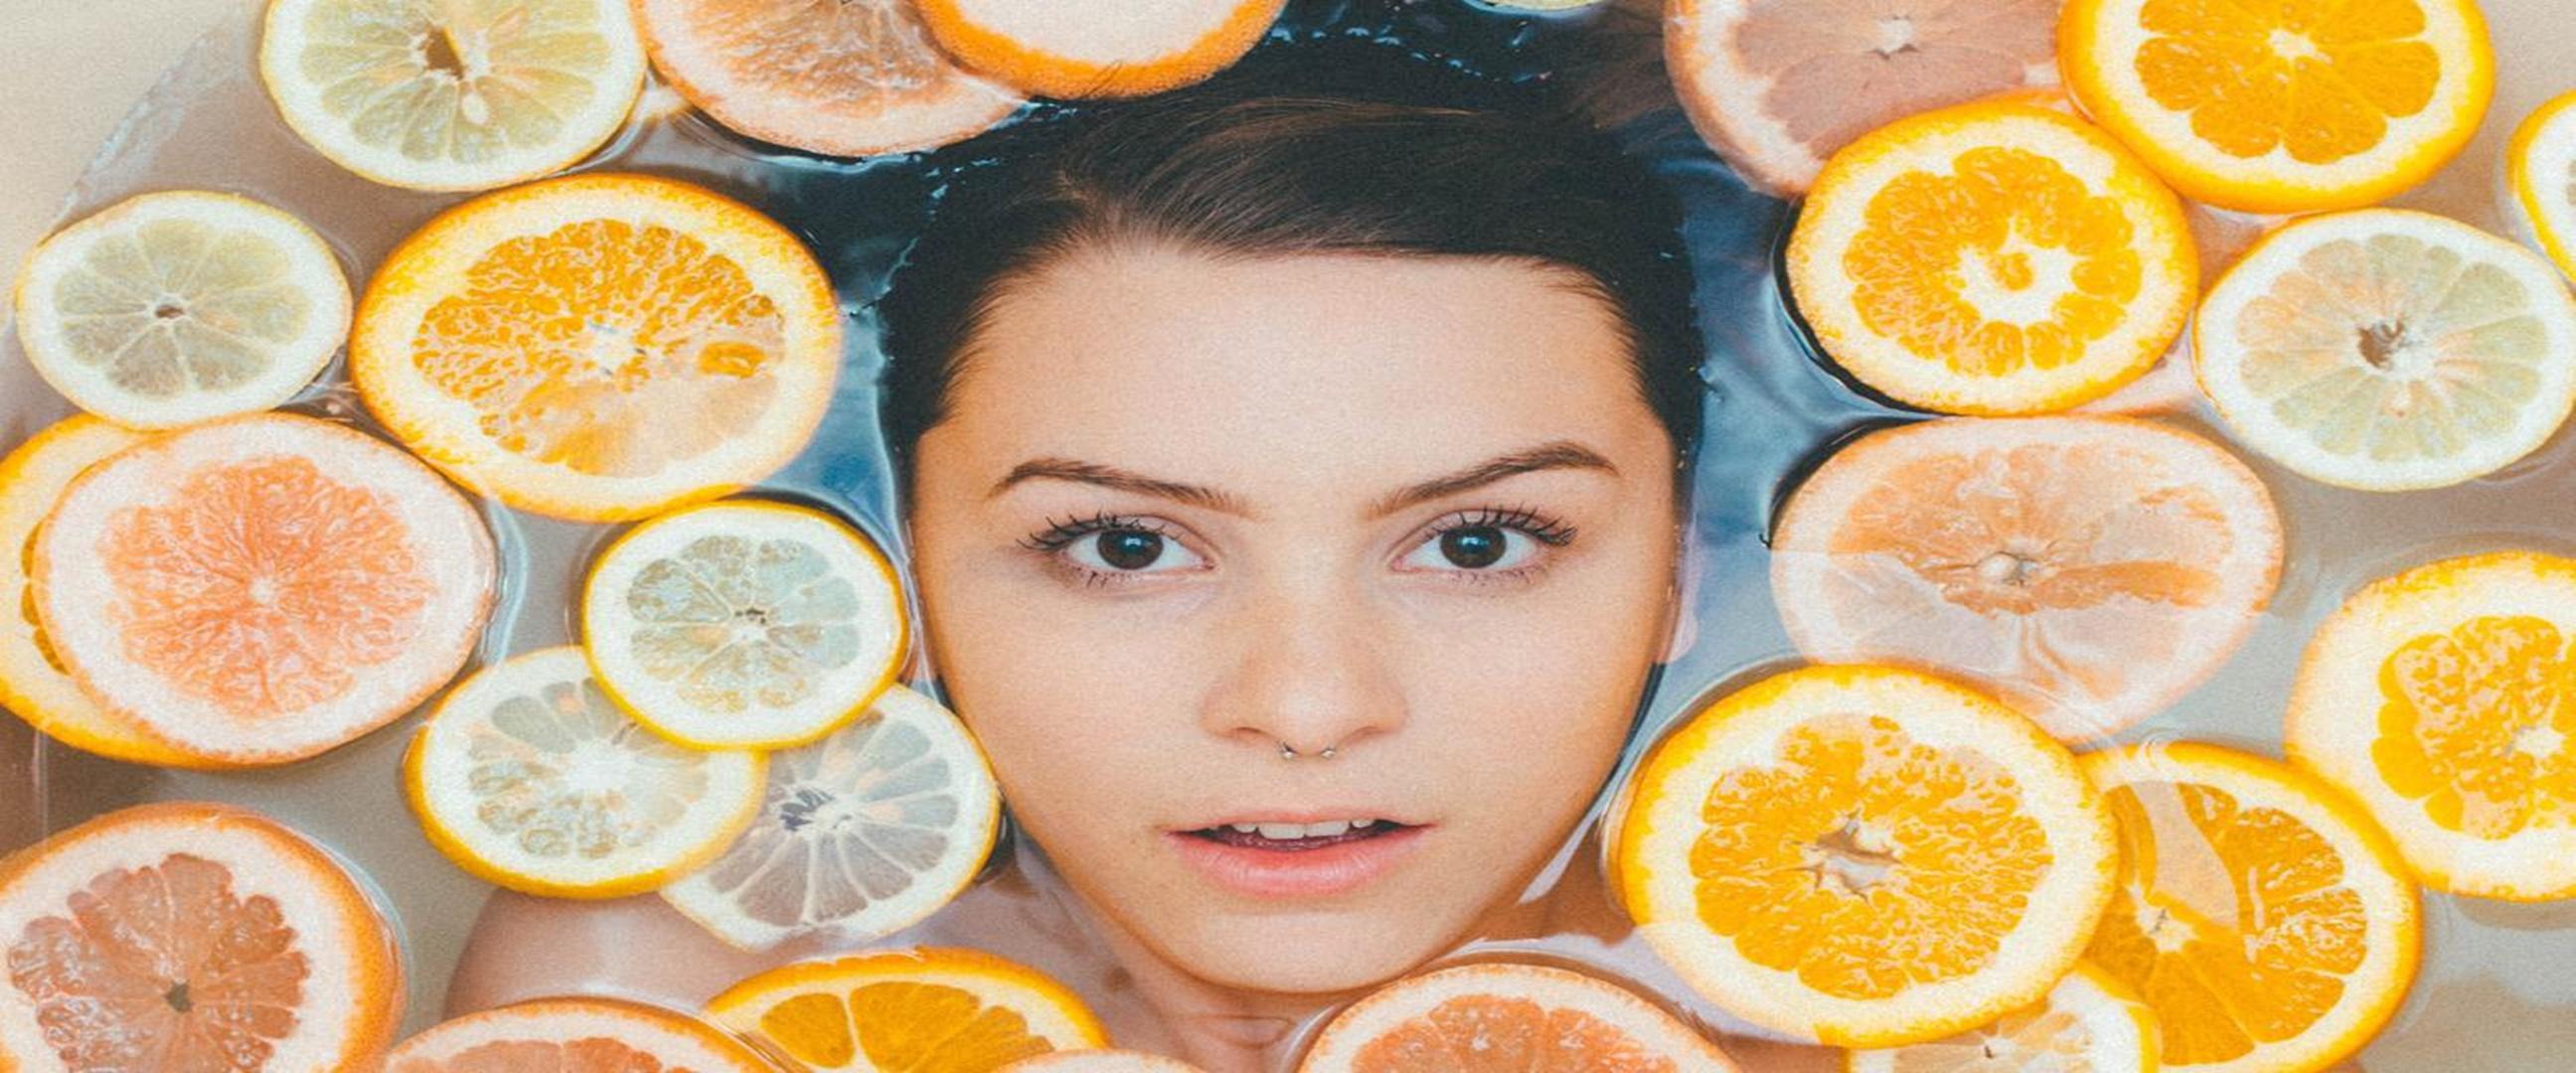 Vitamin C sering dikaitkan cegah Corona, ini 5 faktanya